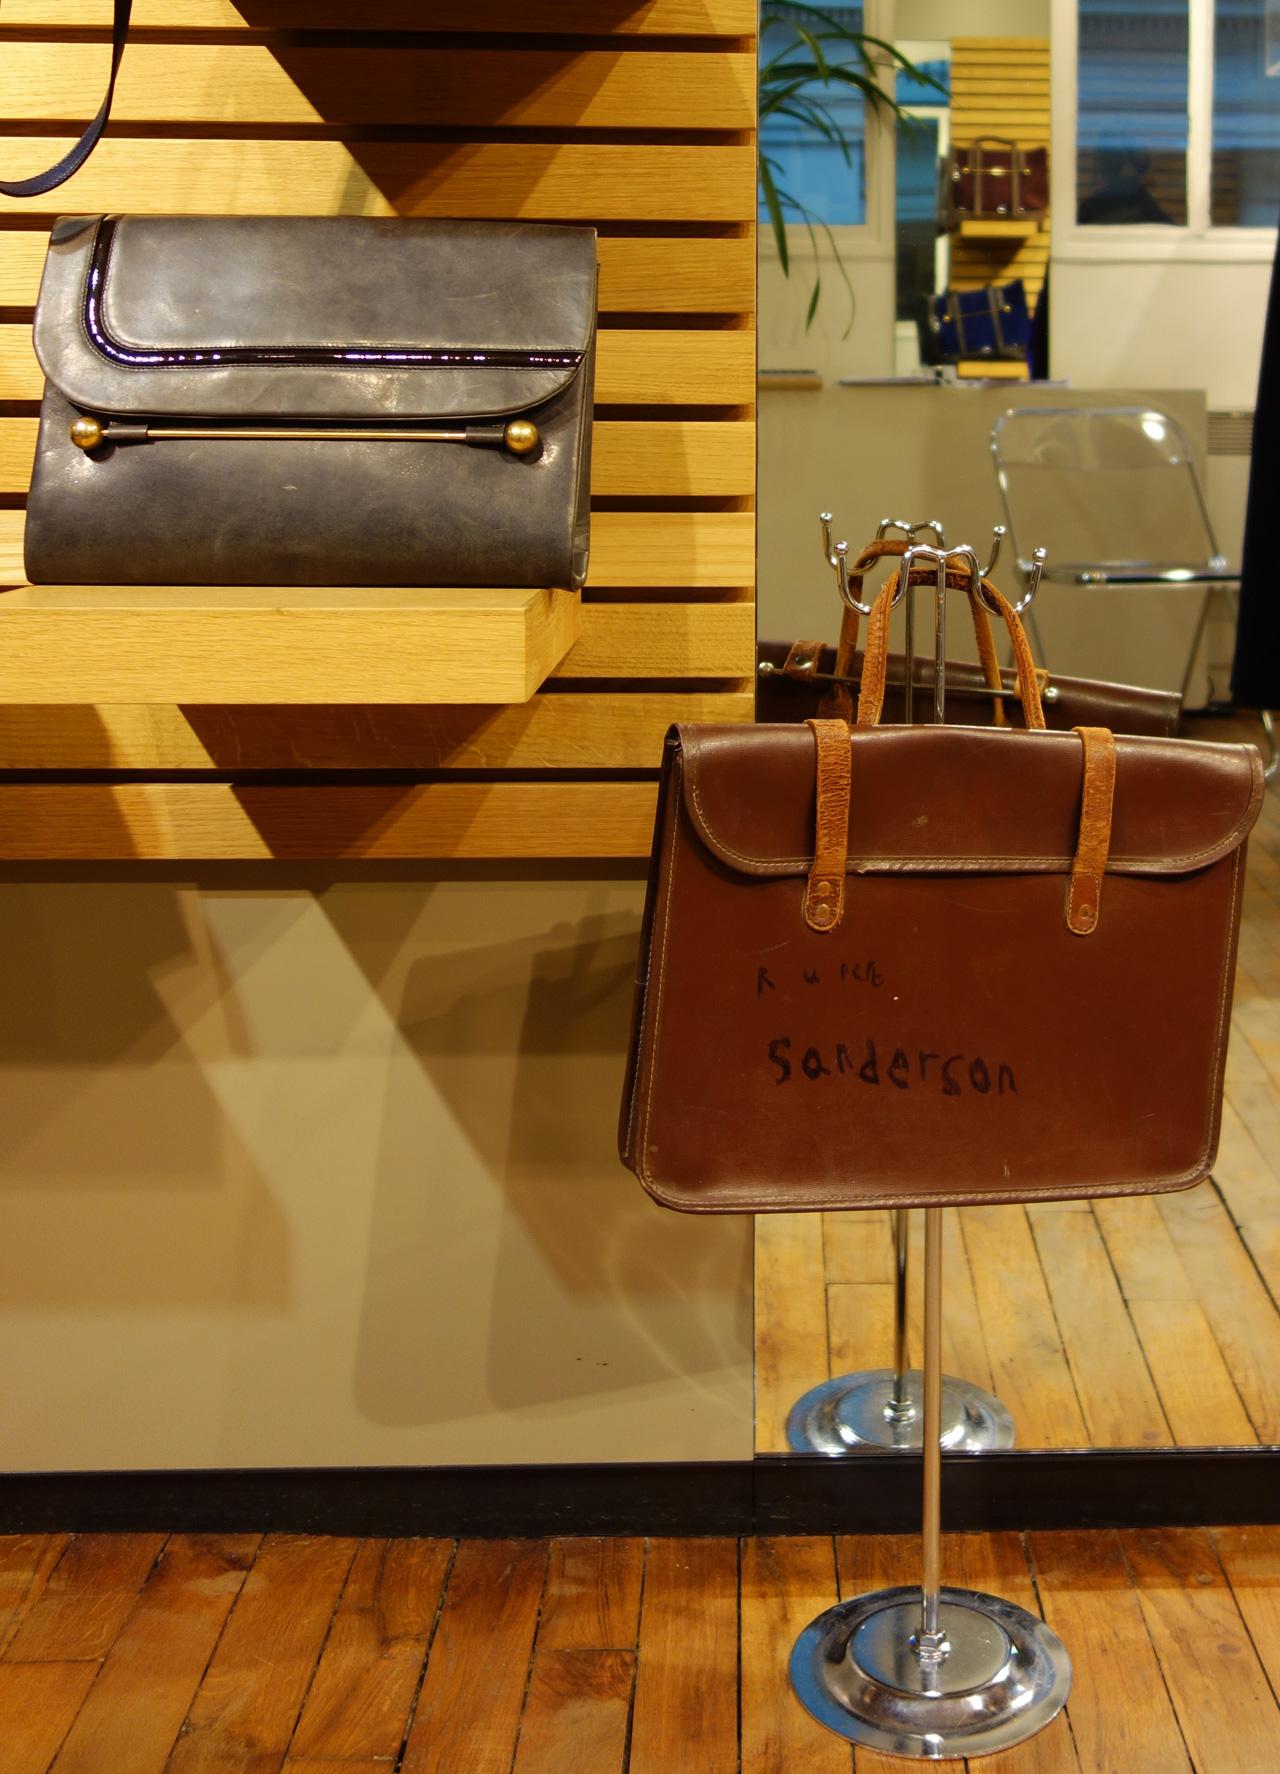 Rupert-Sanderson-Winter-2013-bags-03